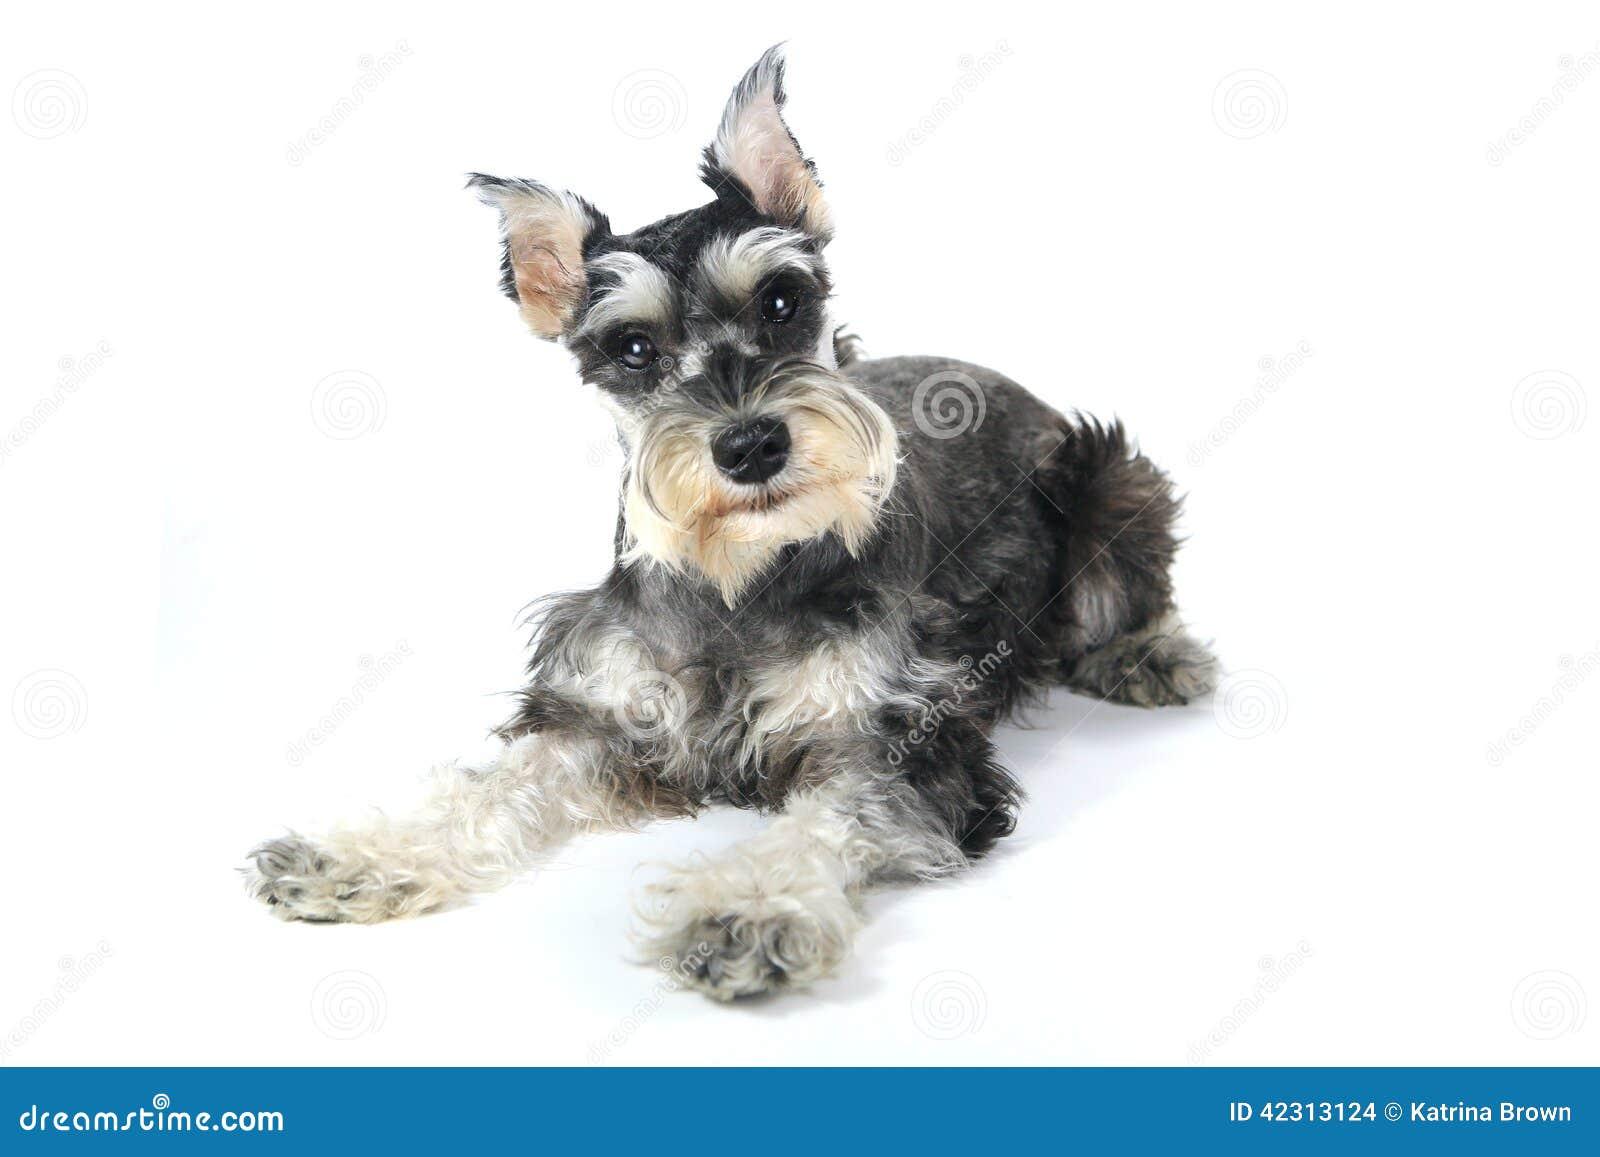 Cute Miniature Schnauzer Puppy Dog on White Background